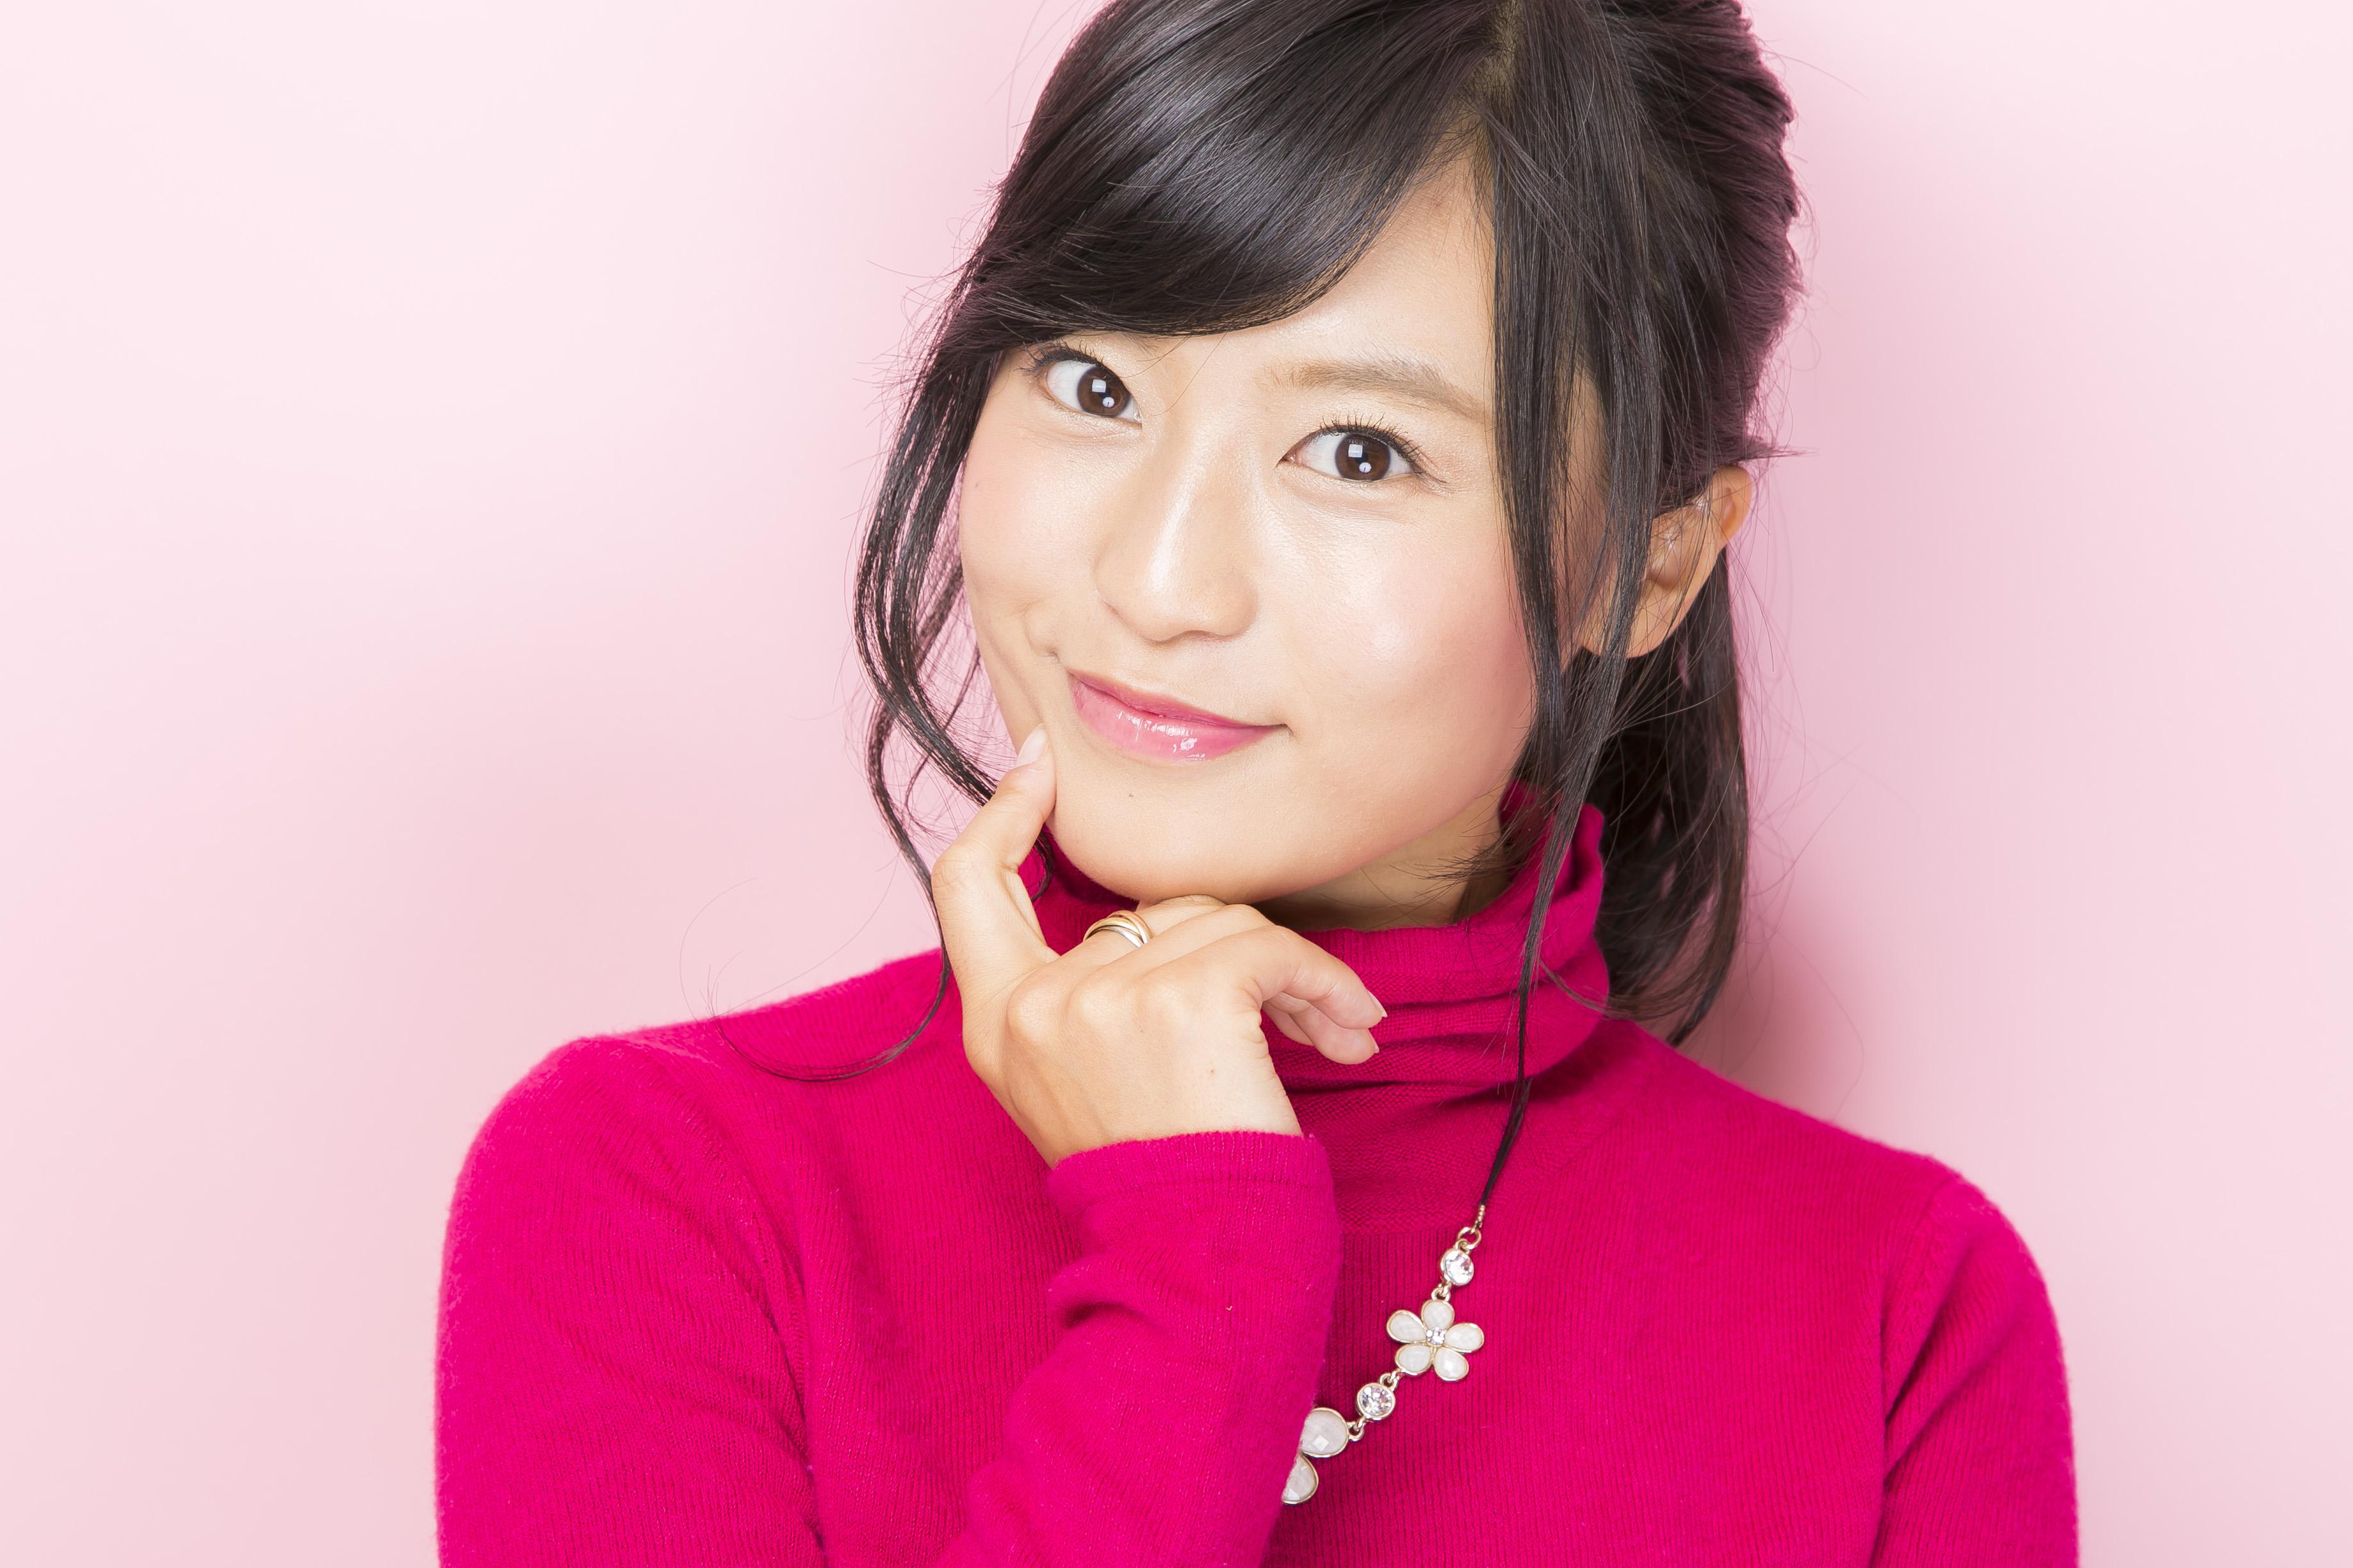 バラエティやグラビアで活躍☆小島瑠璃子のかわいい画像特集!のサムネイル画像